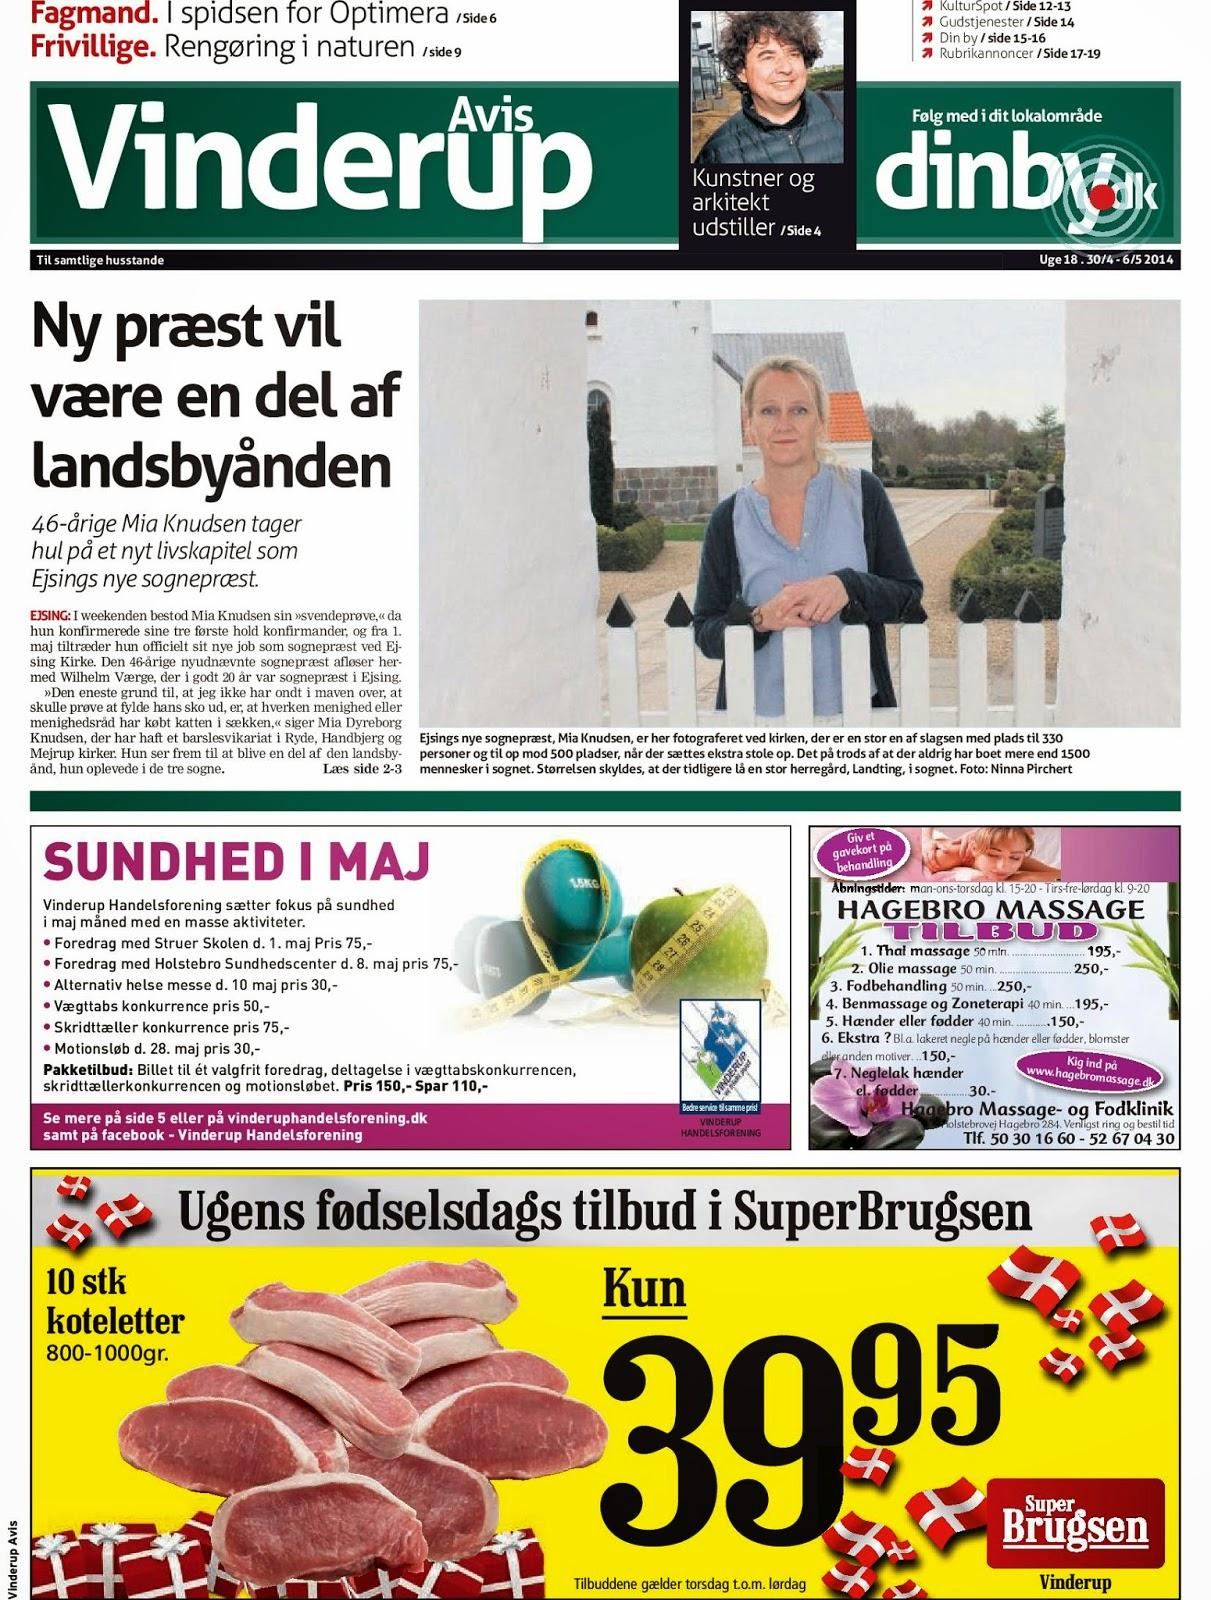 vinderup avis